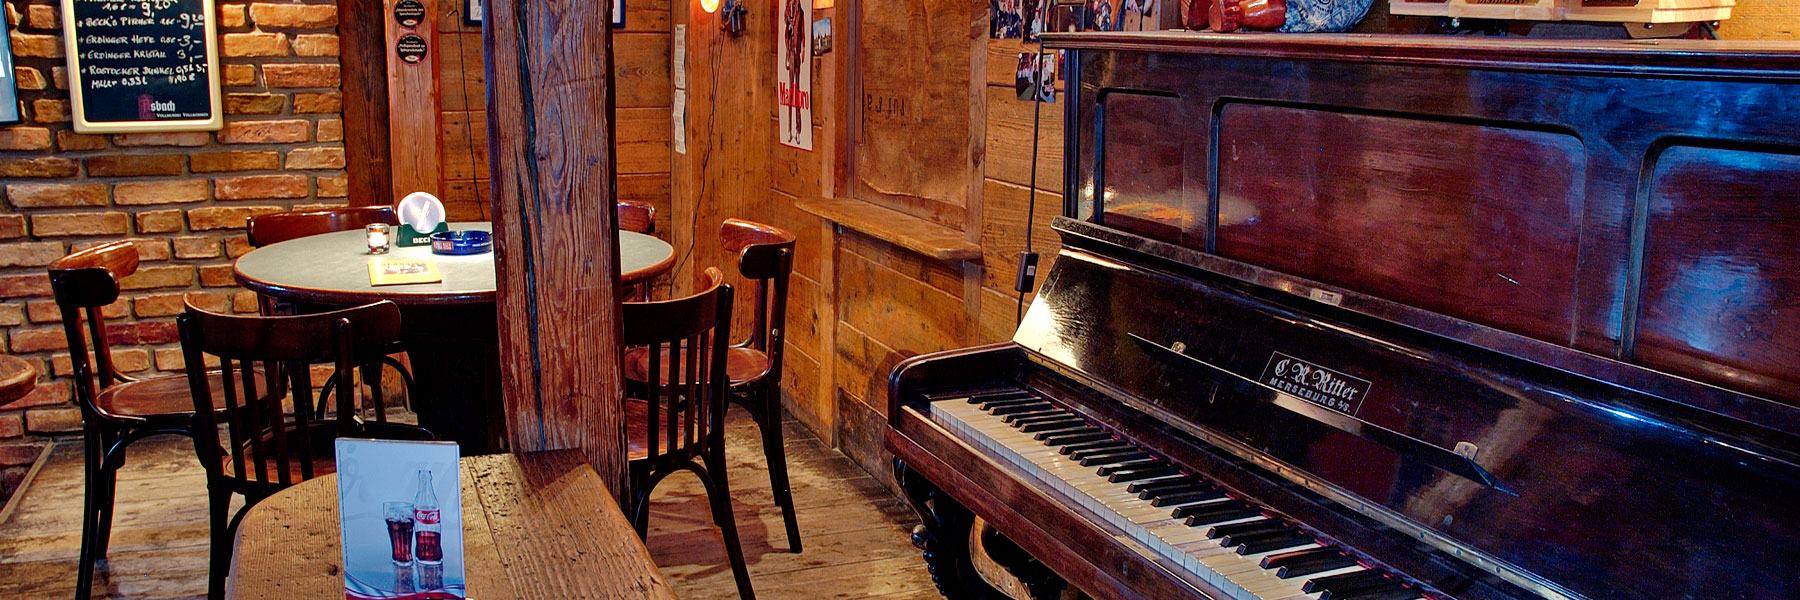 Gastraum mit Klavier - Pension ALABAMA